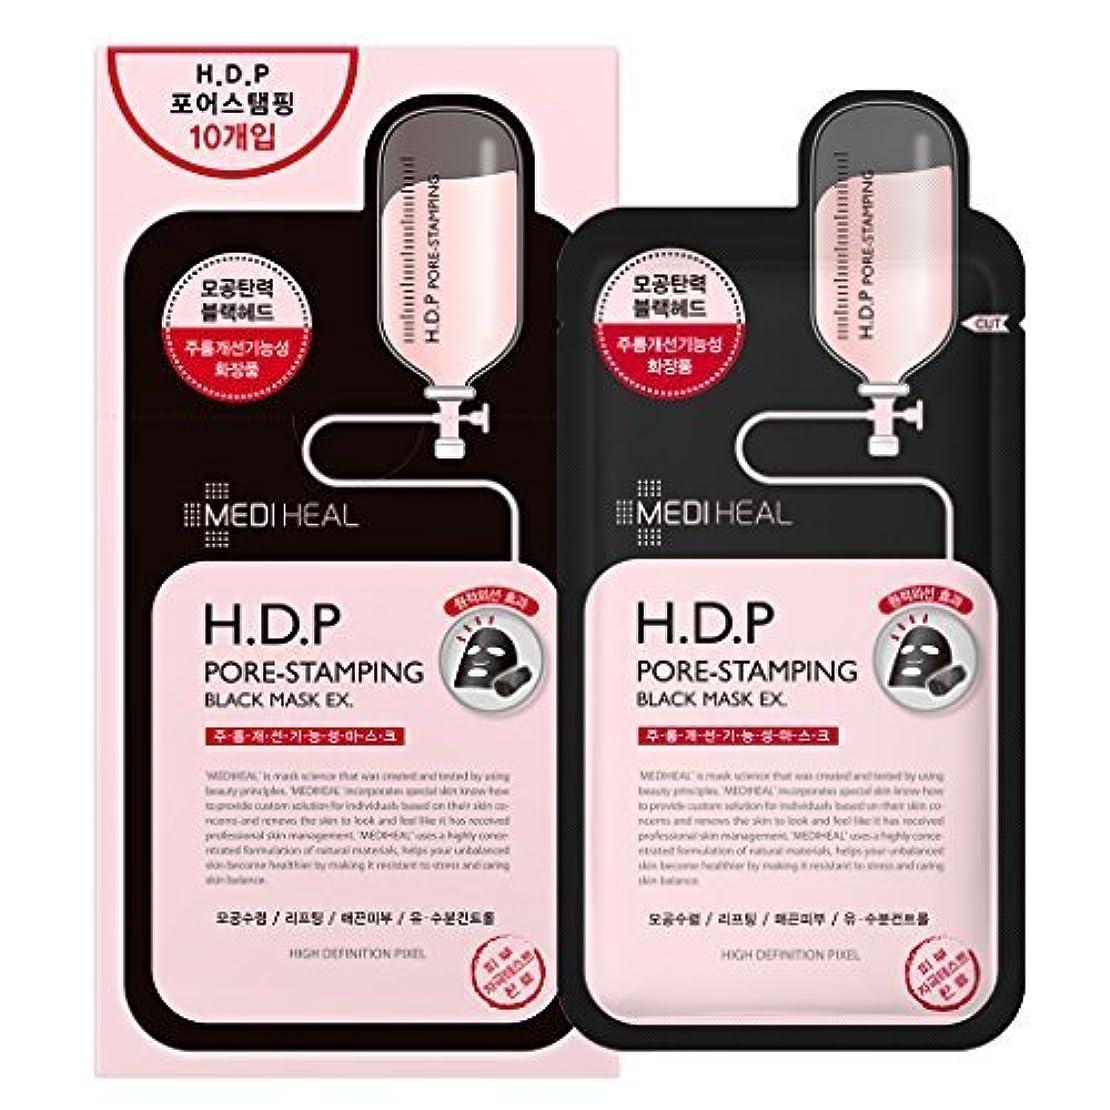 合計概して起業家Mediheal H.D.P 毛穴スタンプ炭ミネラルマスク Pore stamping Charcoal mineral mask (10枚) [並行輸入品]